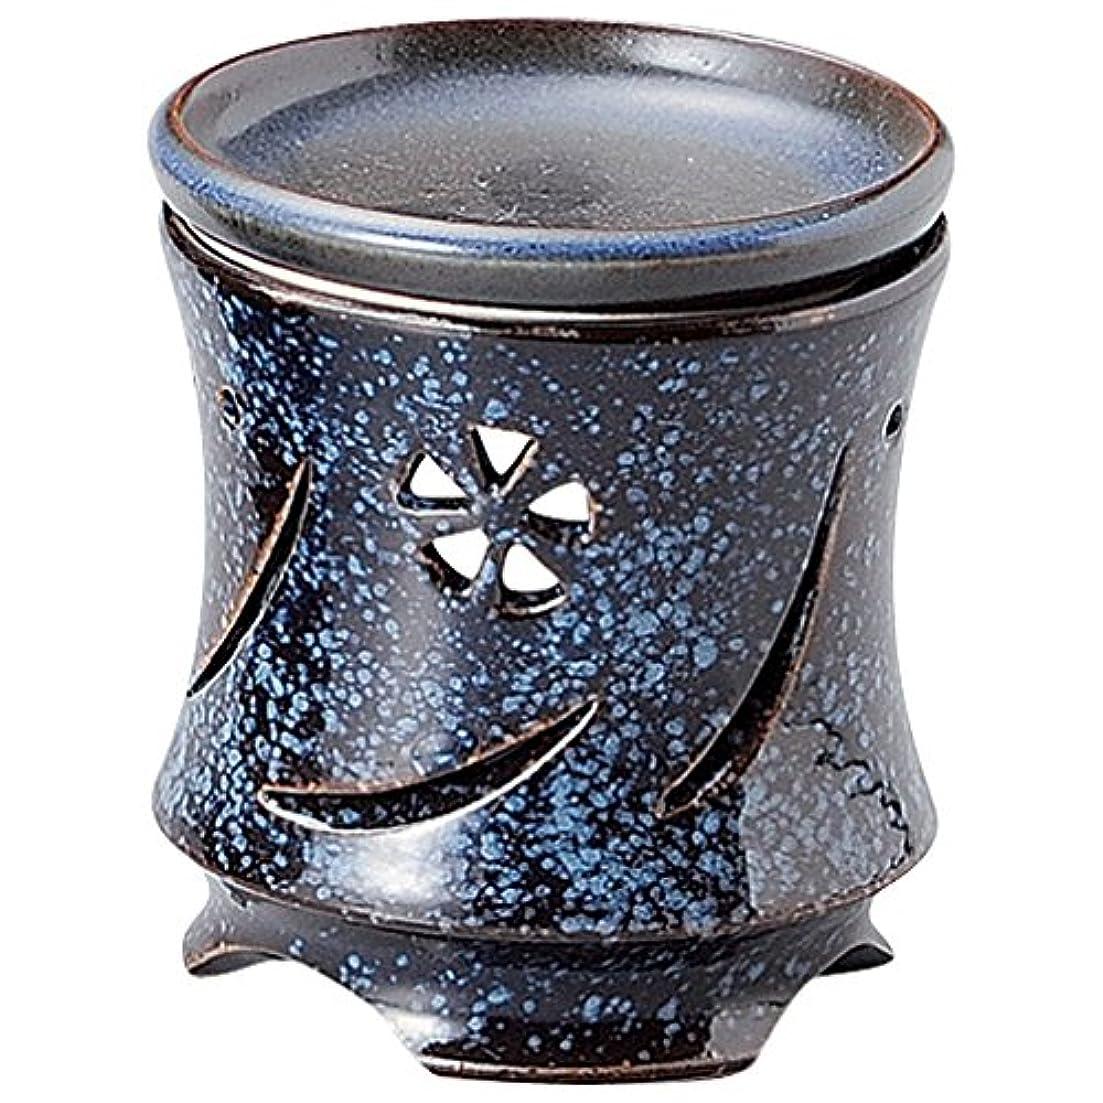 攻撃的無傷教育する山下工芸 常滑焼 富仙生子すかし彫茶香炉 10.5×9.5×9.5cm 13045610